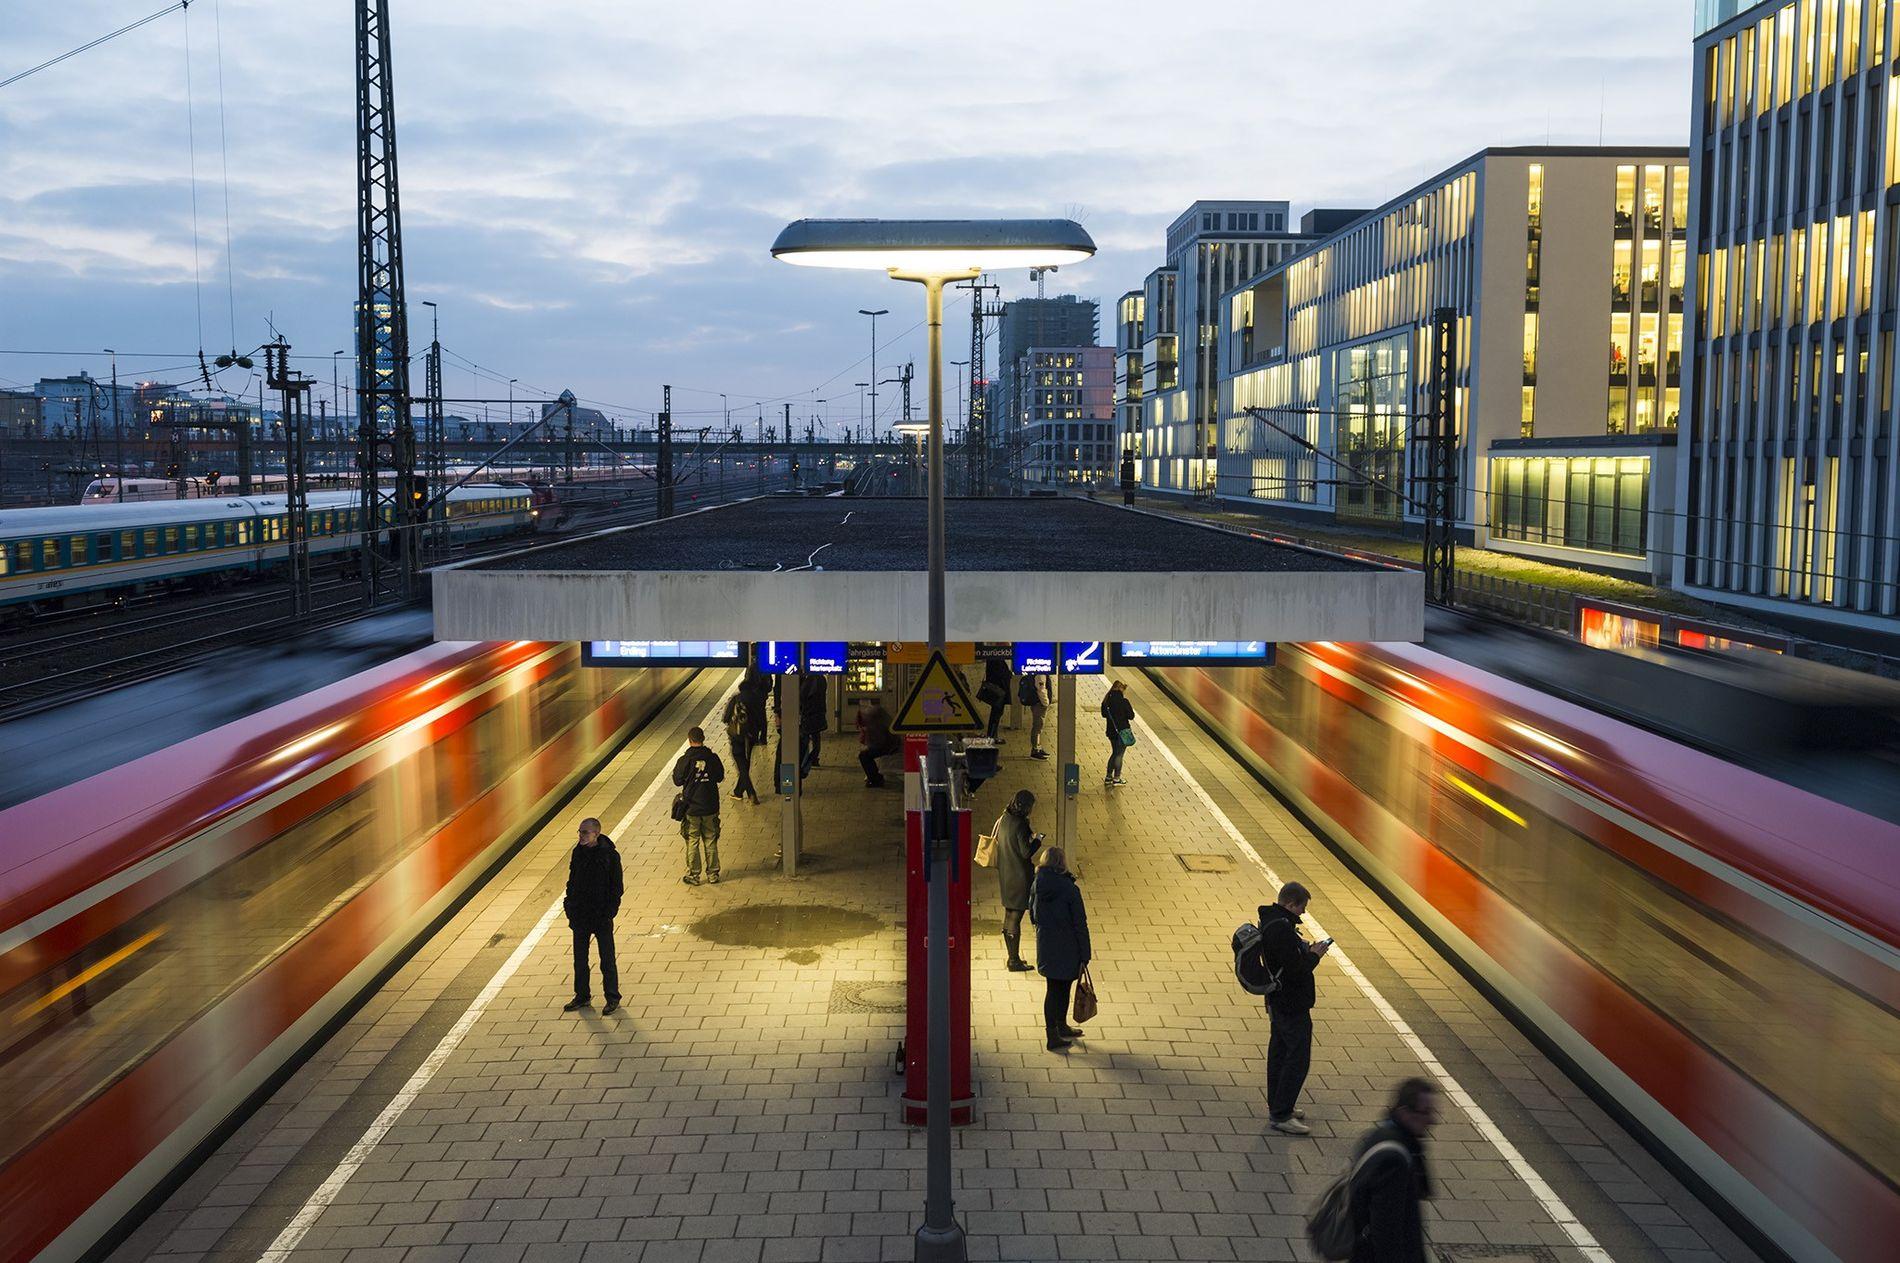 Munich, Alemania, planea abastecerse completamente de energía renovable para 2025. El municipio ya ha firmado un ...